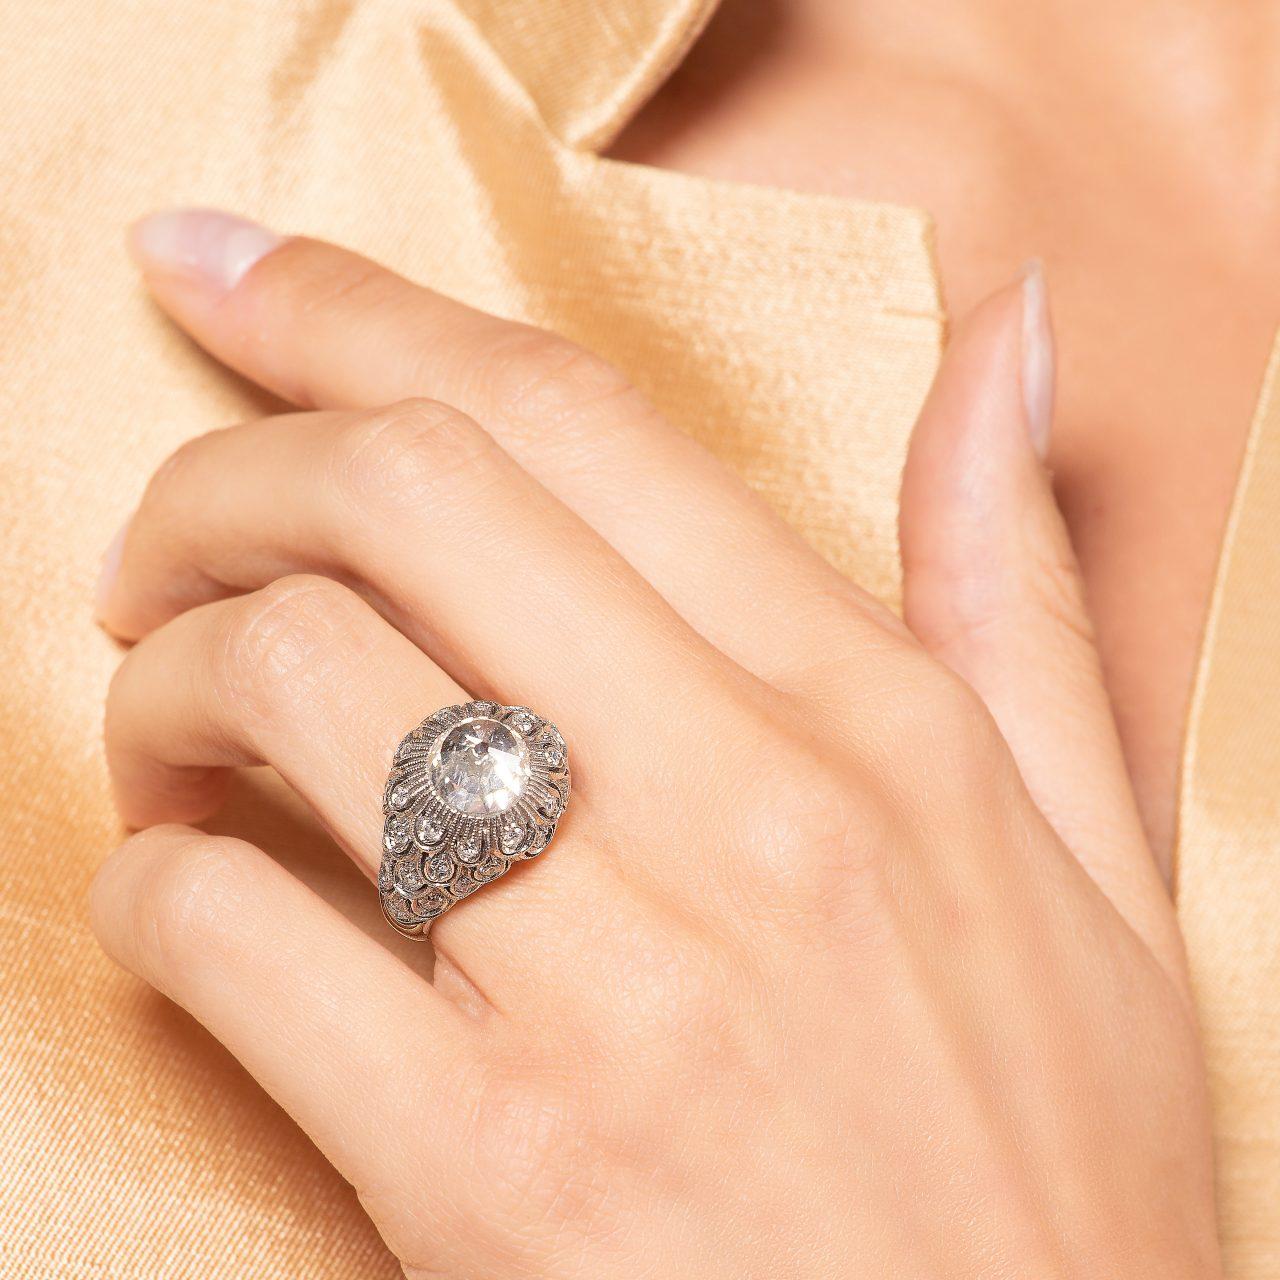 Illario anello a piramide in platino con diamanti indossato